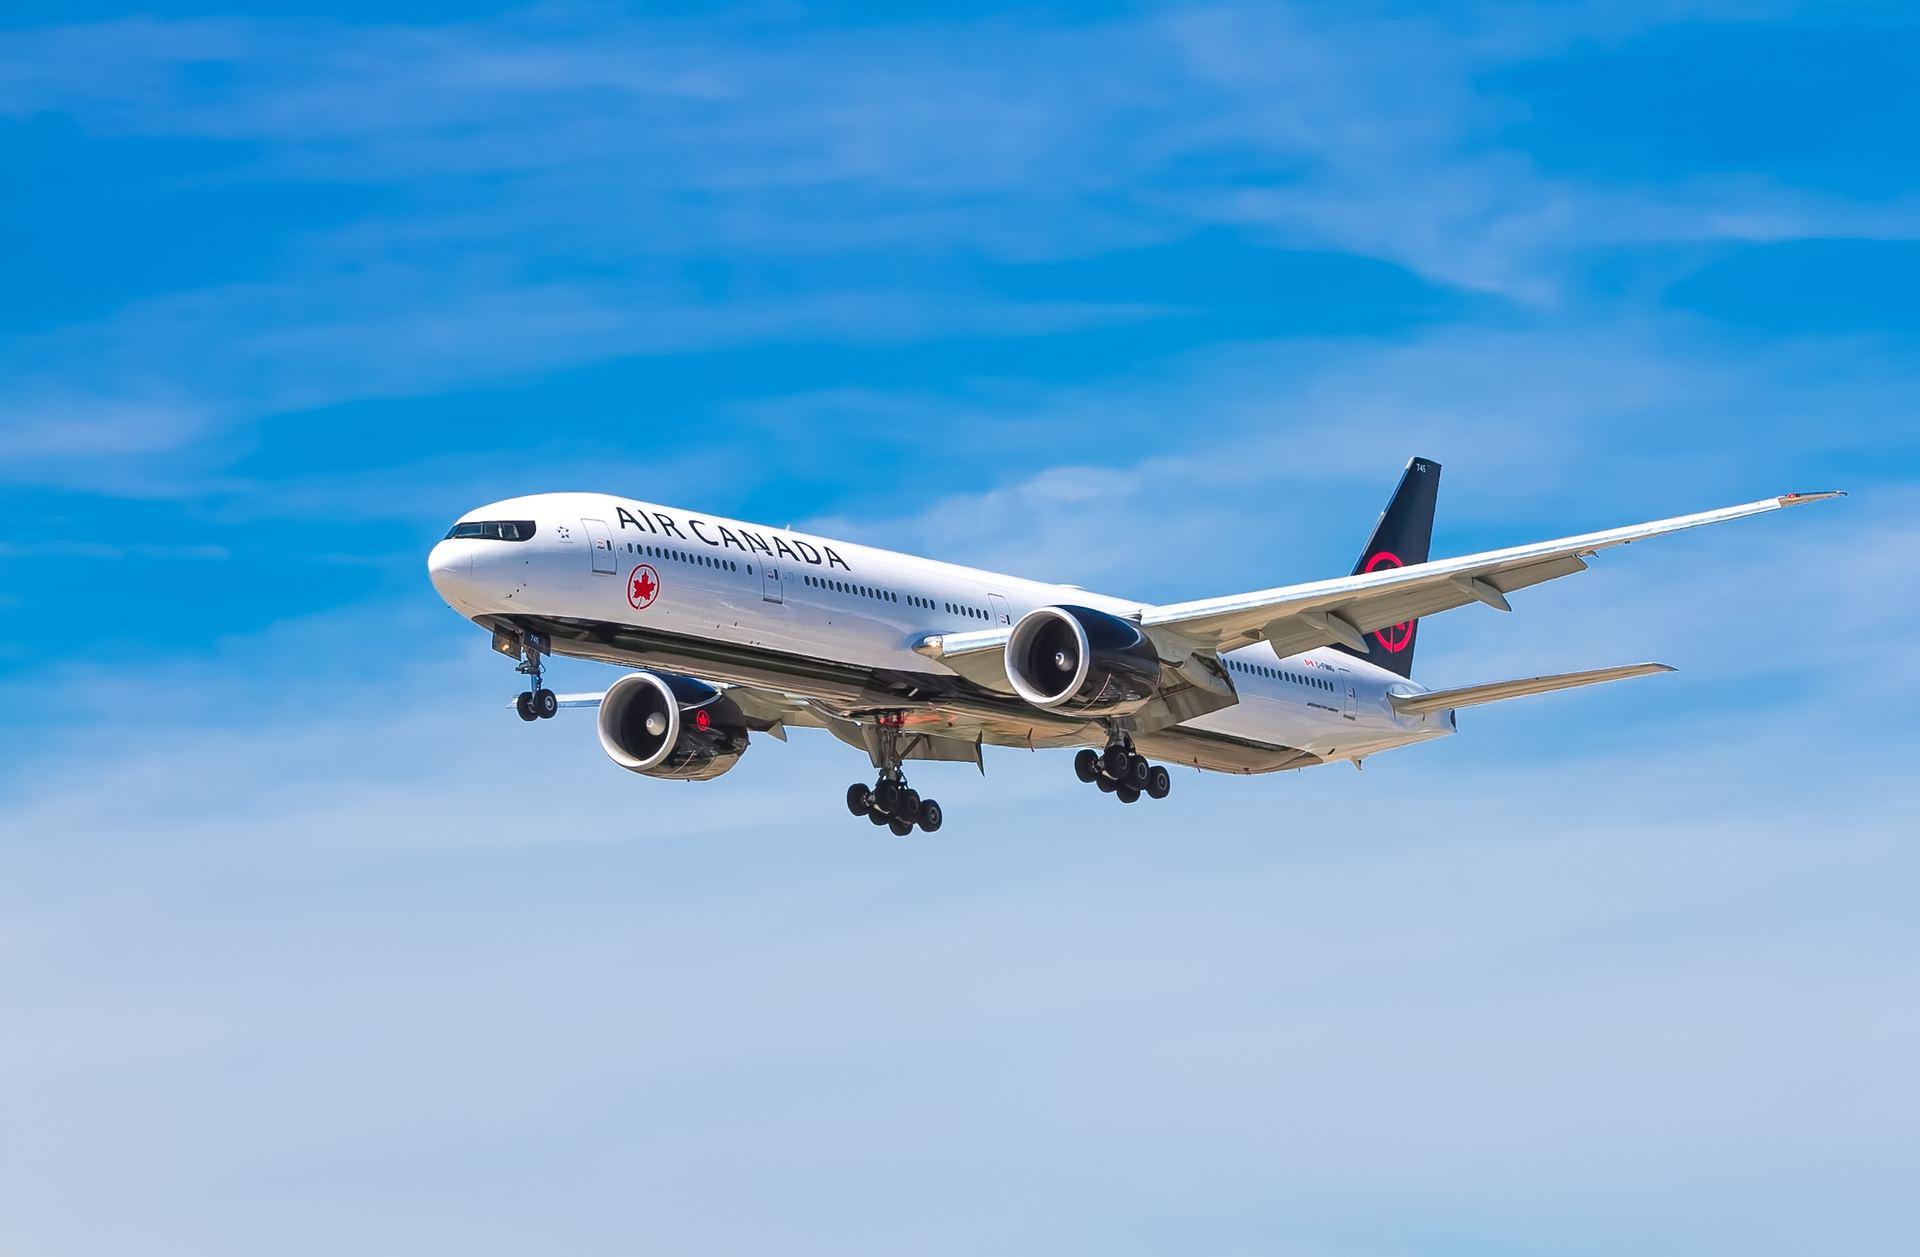 Giver det mening at klimakompensere sine flyrejser?